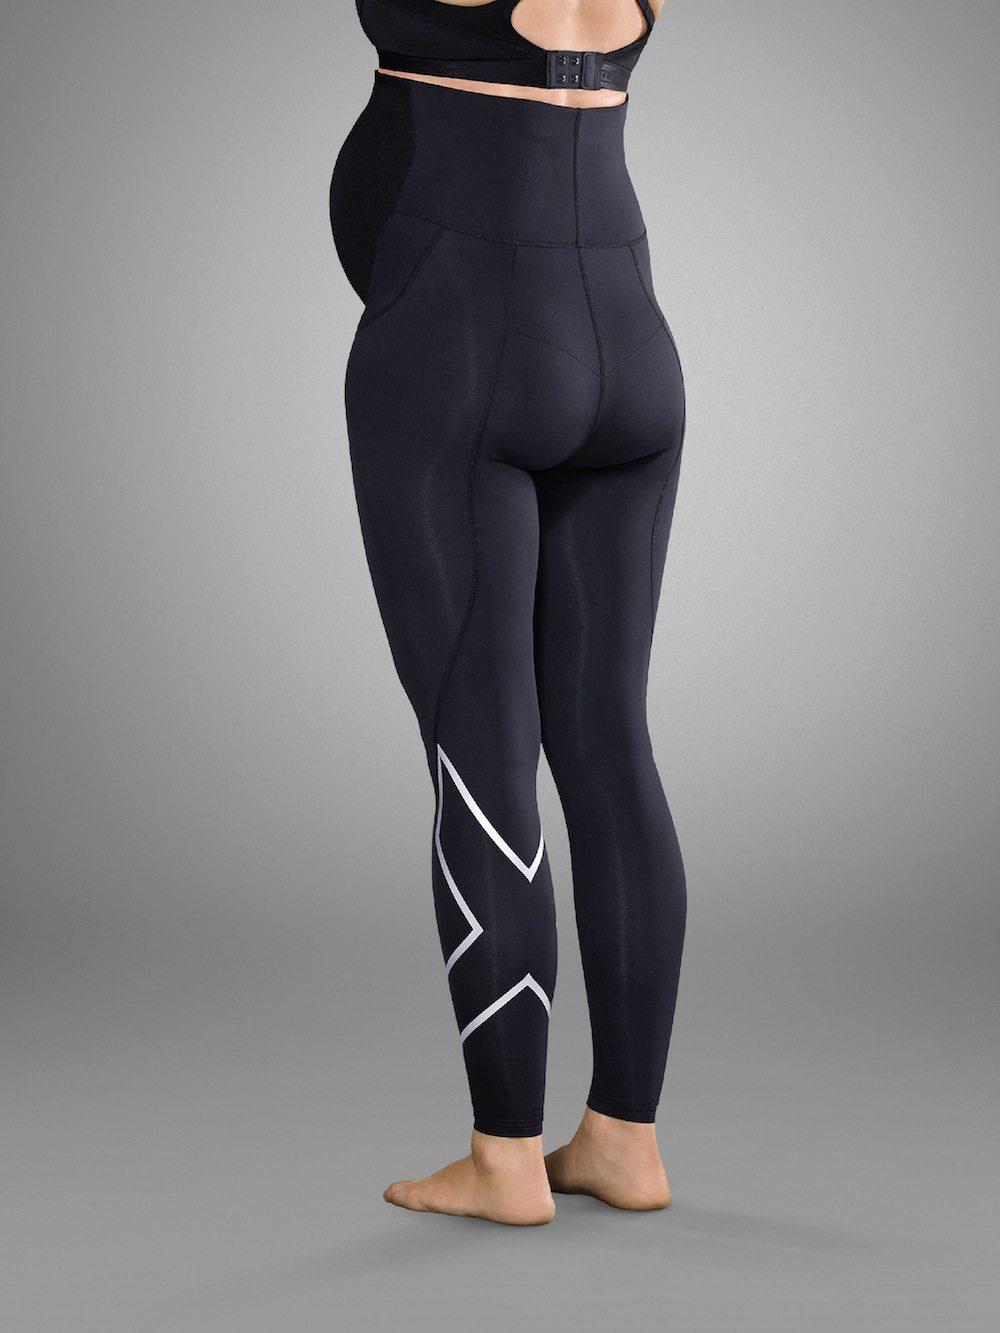 2XU prenatal leggings black and silver back